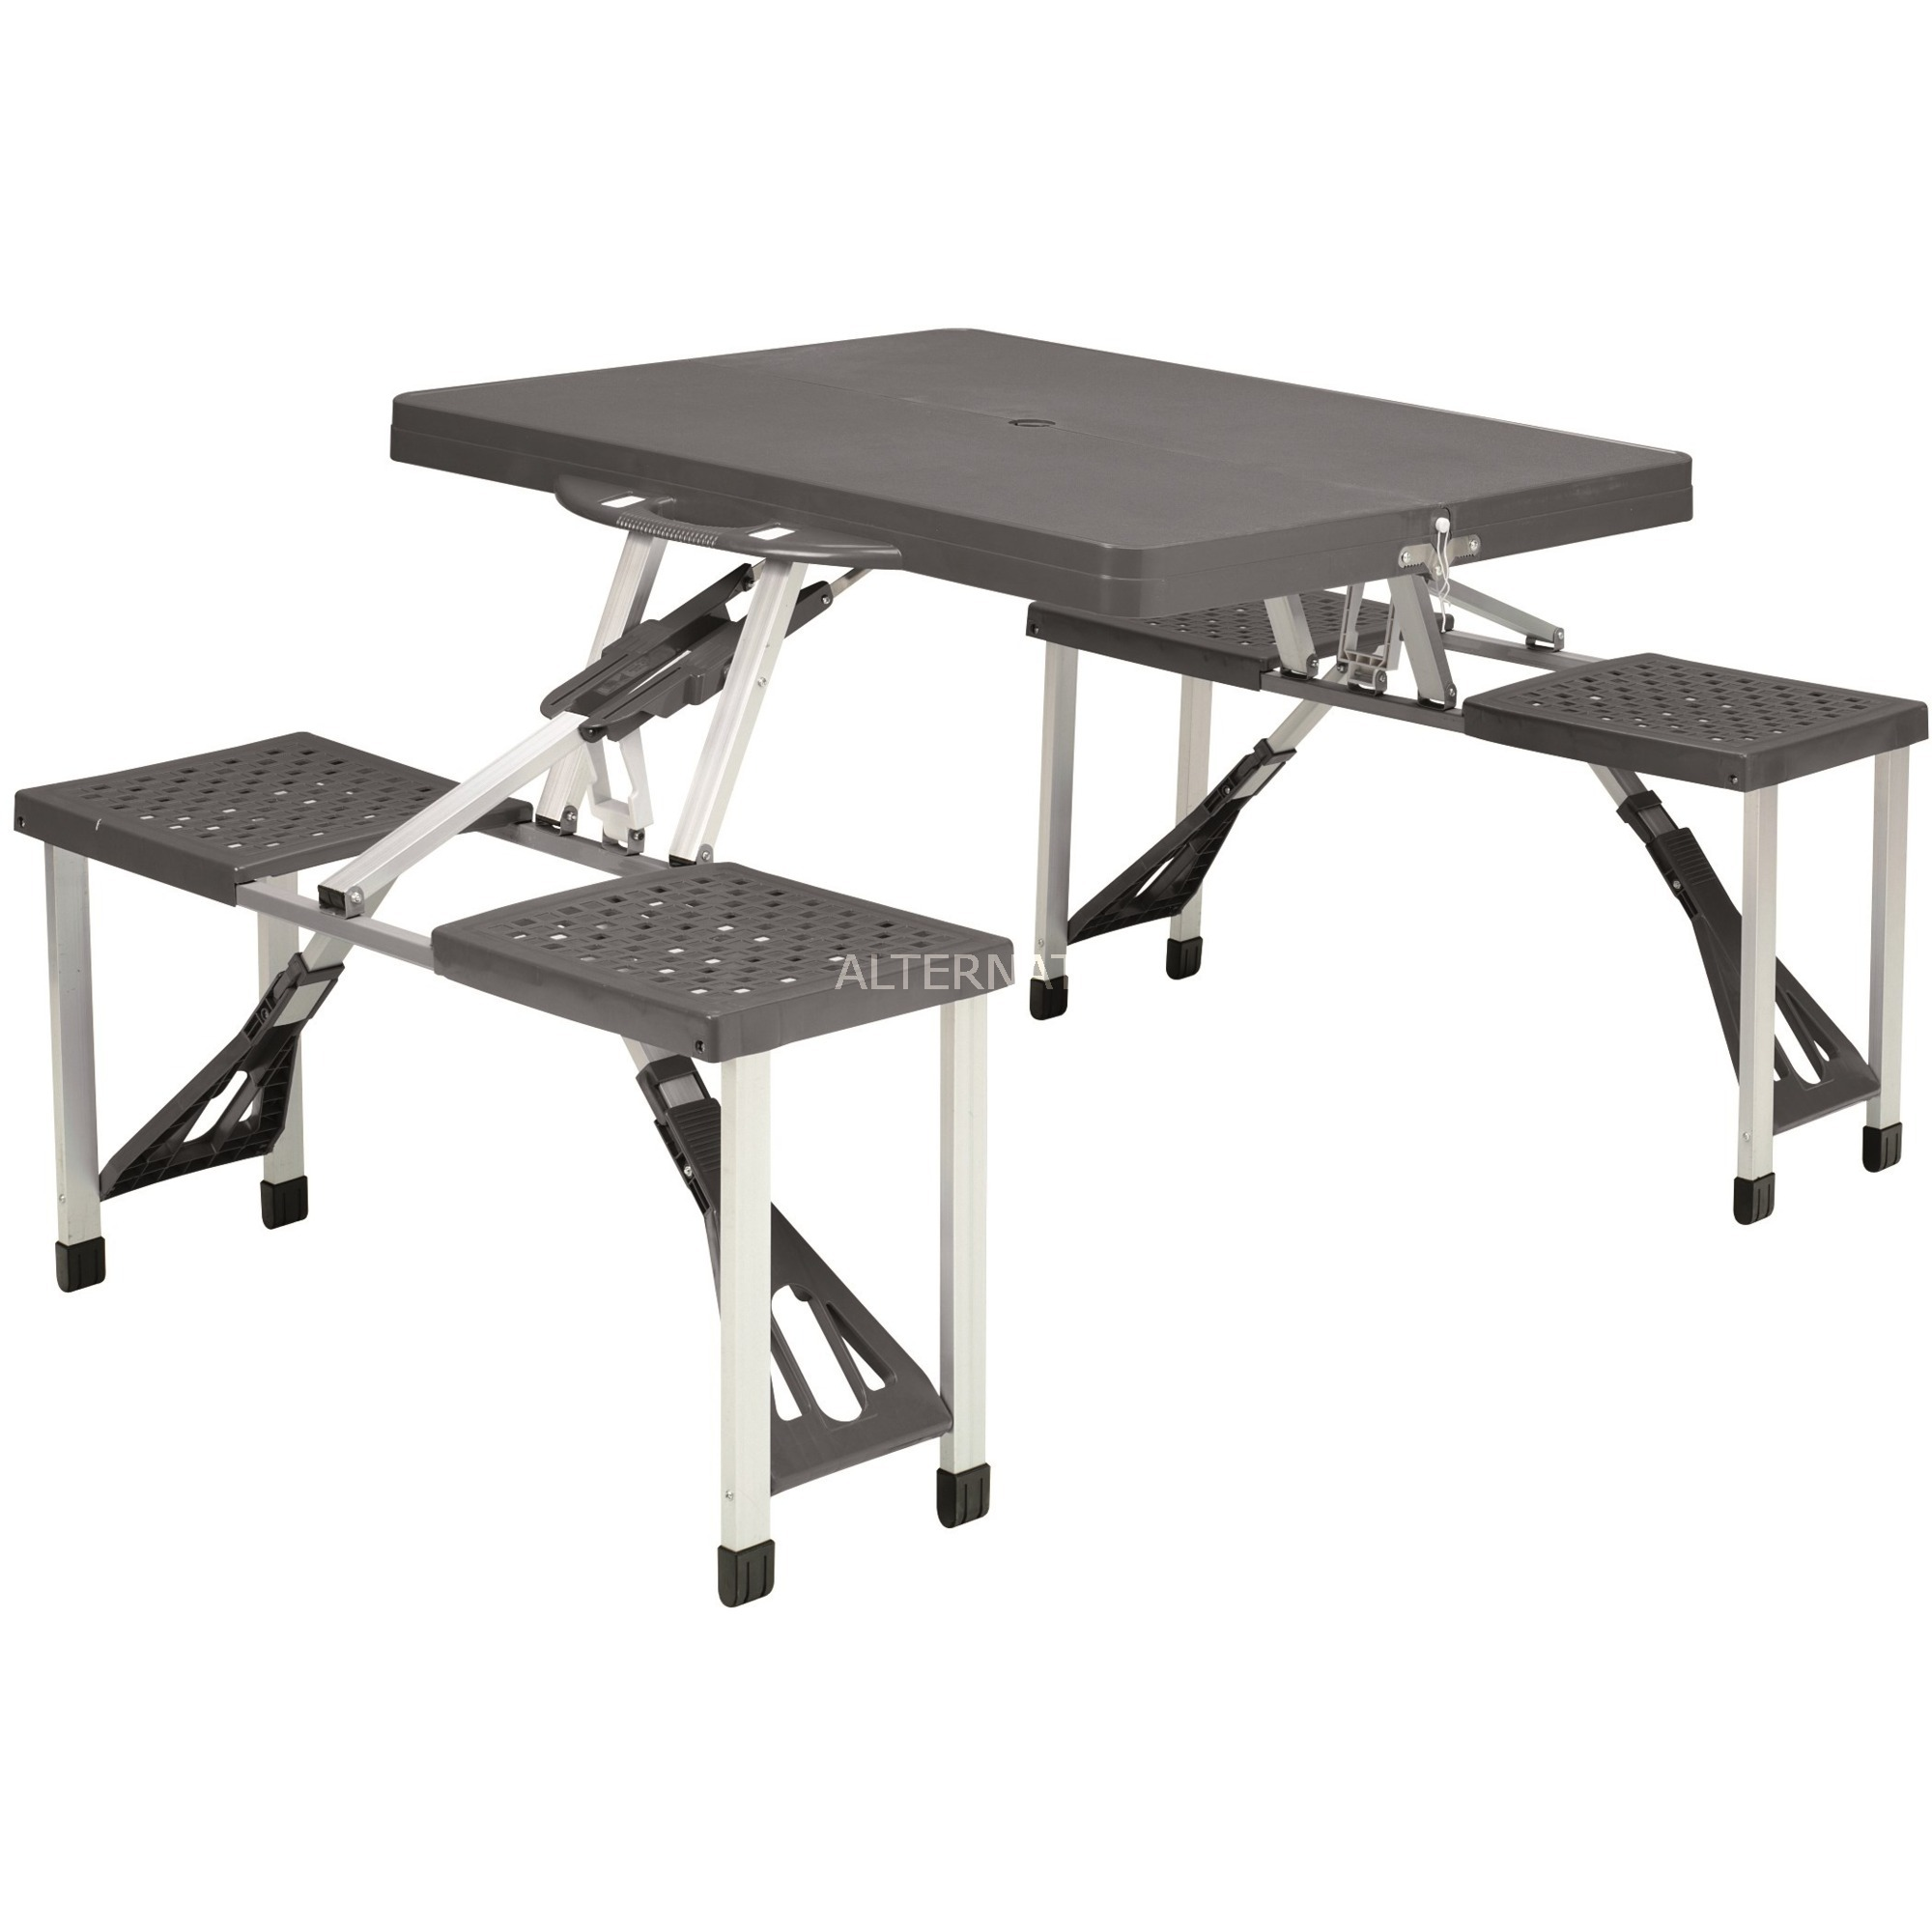 Easy Camp 670410 Table De Jardin Noir Argent Forme Rectangulaire Noir Noir Argent Aluminium Acier Forme Rectangulaire 840 Mm 1360 Mm 66 Cm